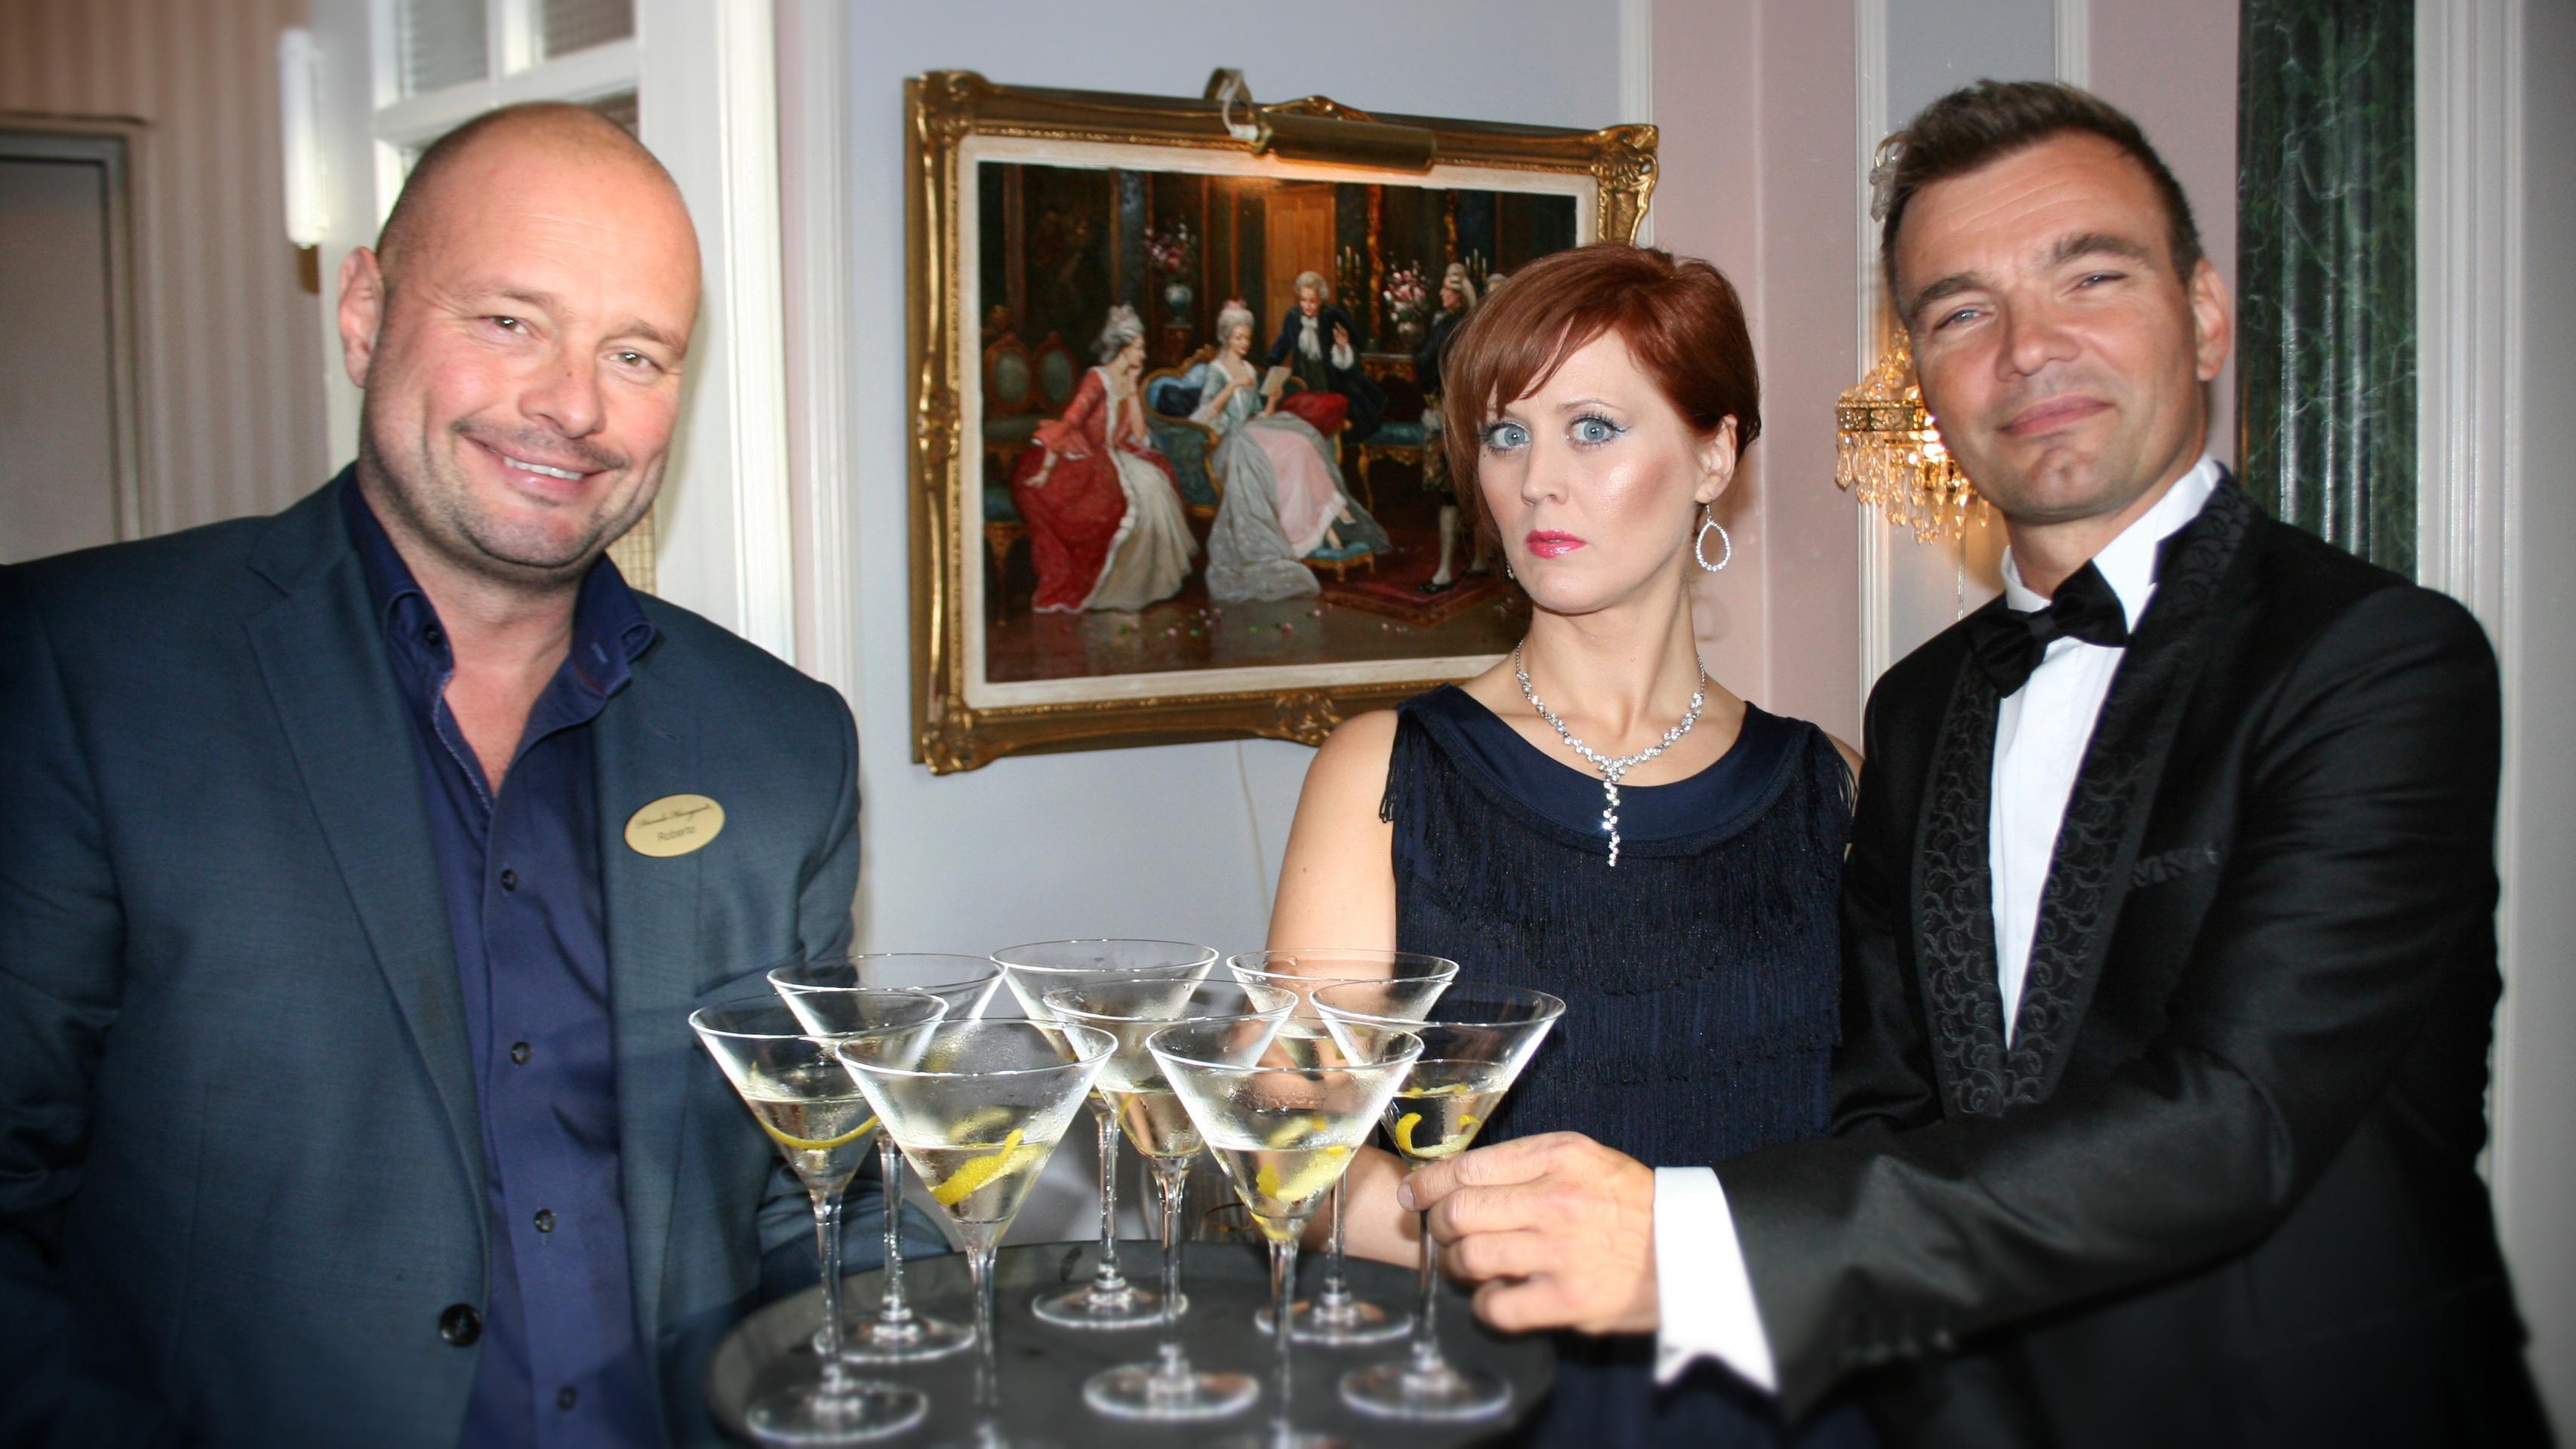 Servitør tilby drinks til James Bond og Bond-damen